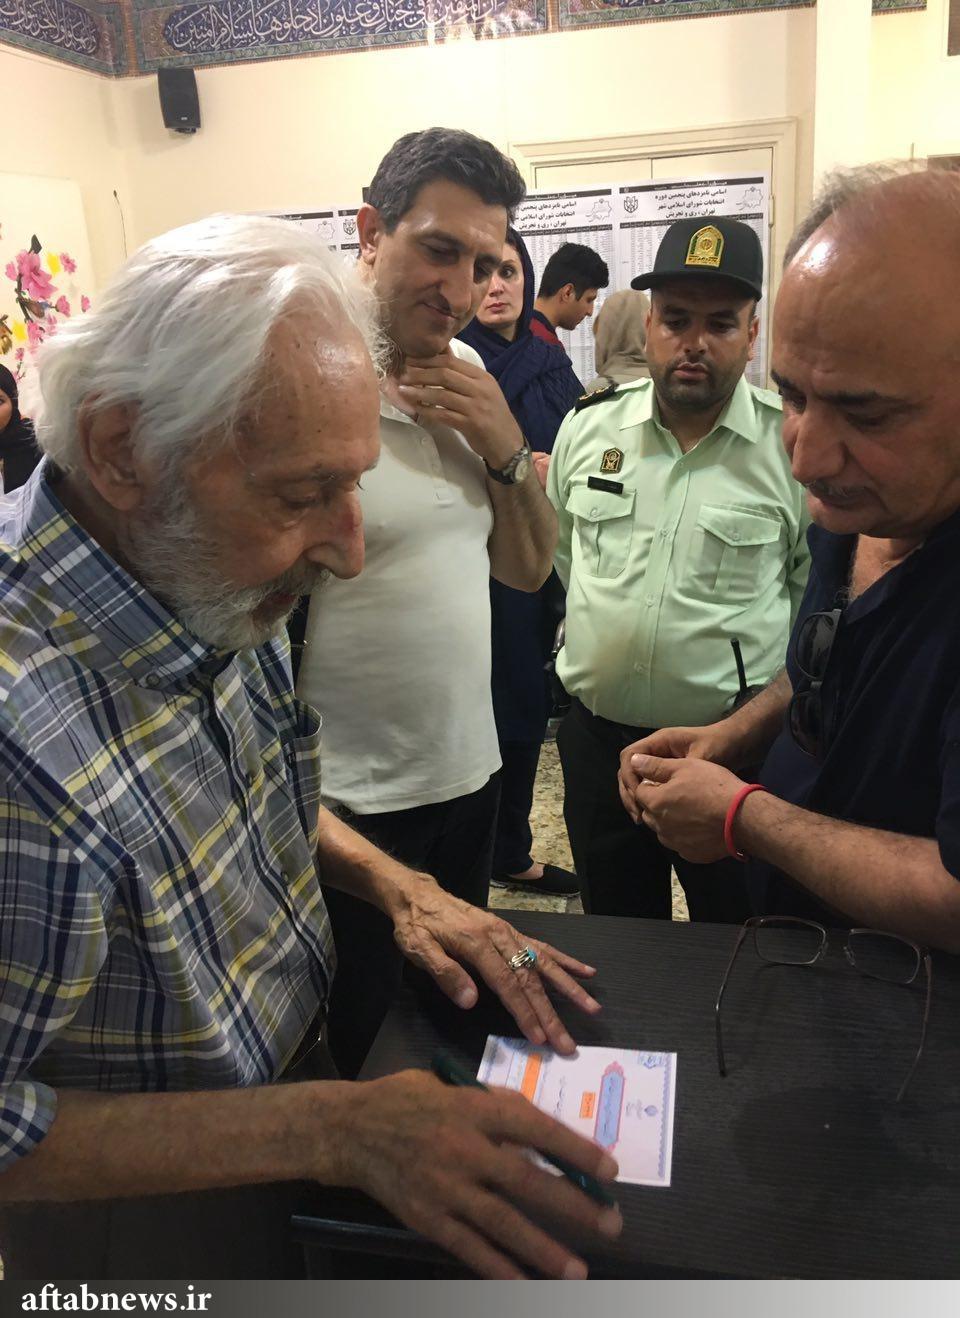 حضور جمشید مشایخی در انتخابات/ تصویر